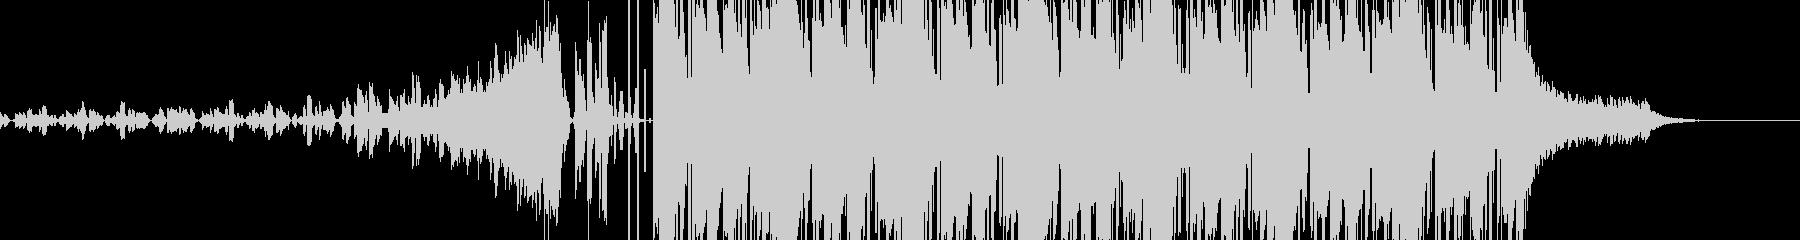 緊張感のある激しいBGMの未再生の波形